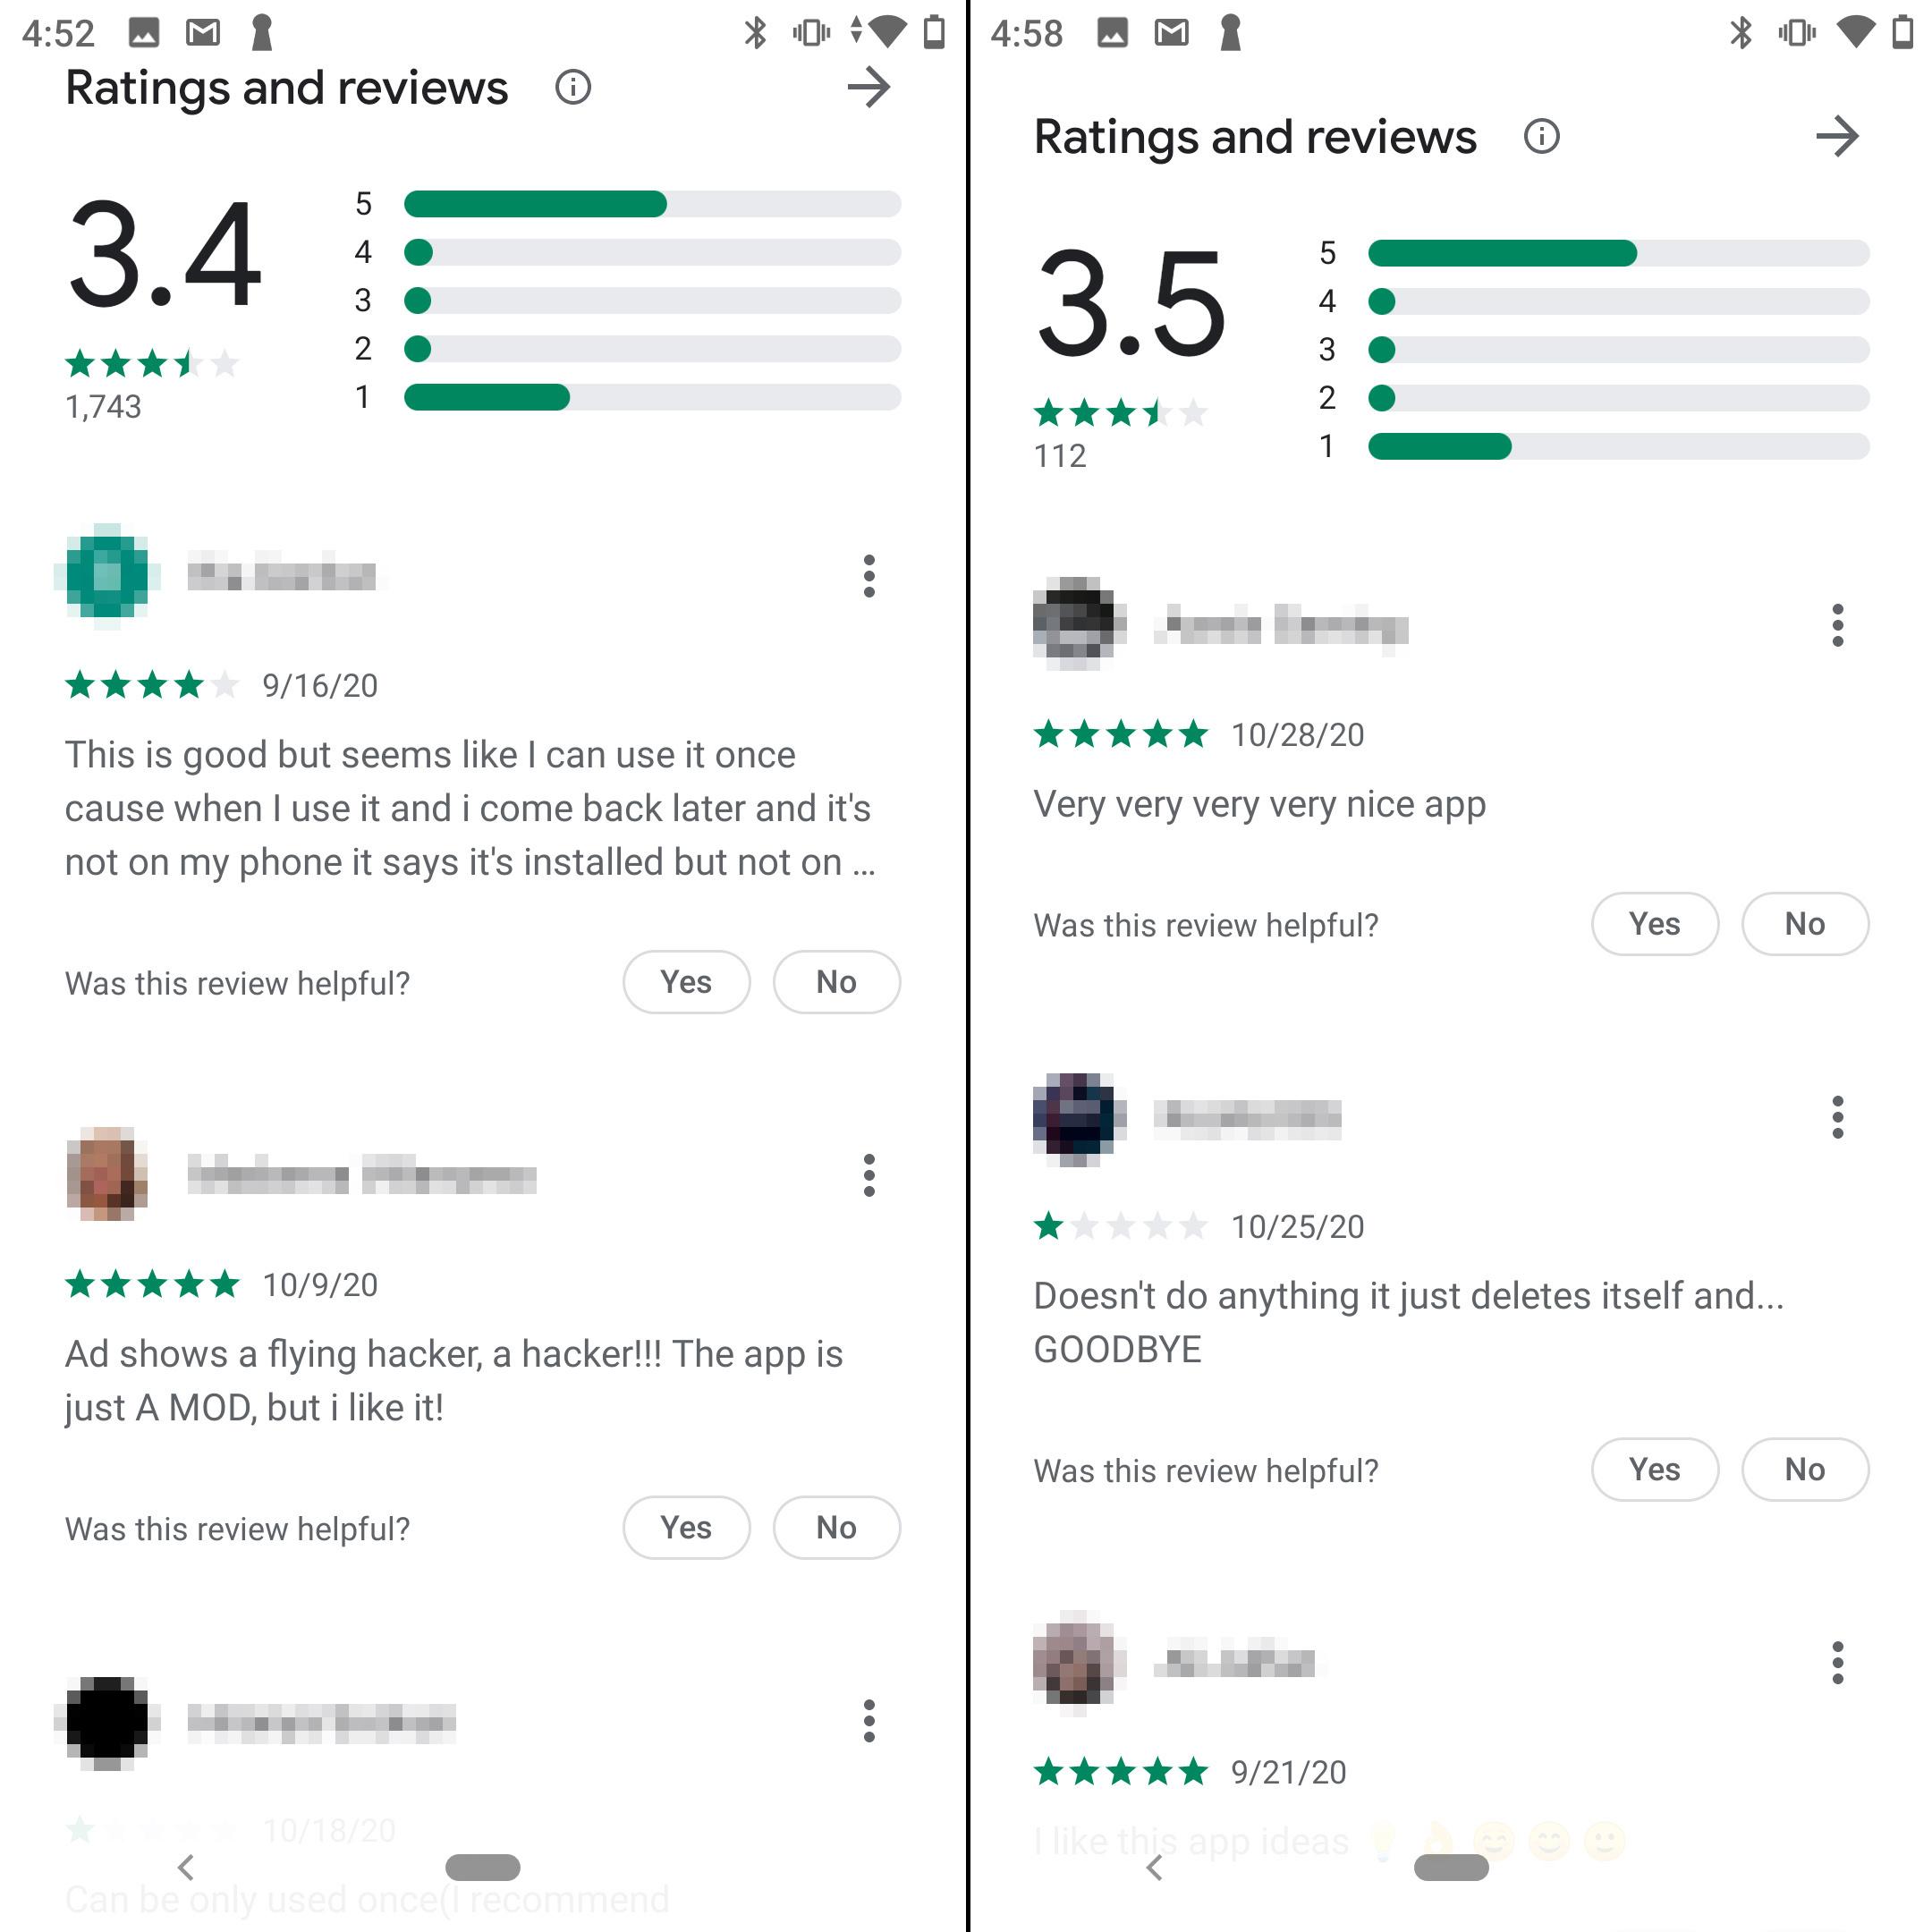 Le app ricevono cinque stelle o una. Un po' sospetto!